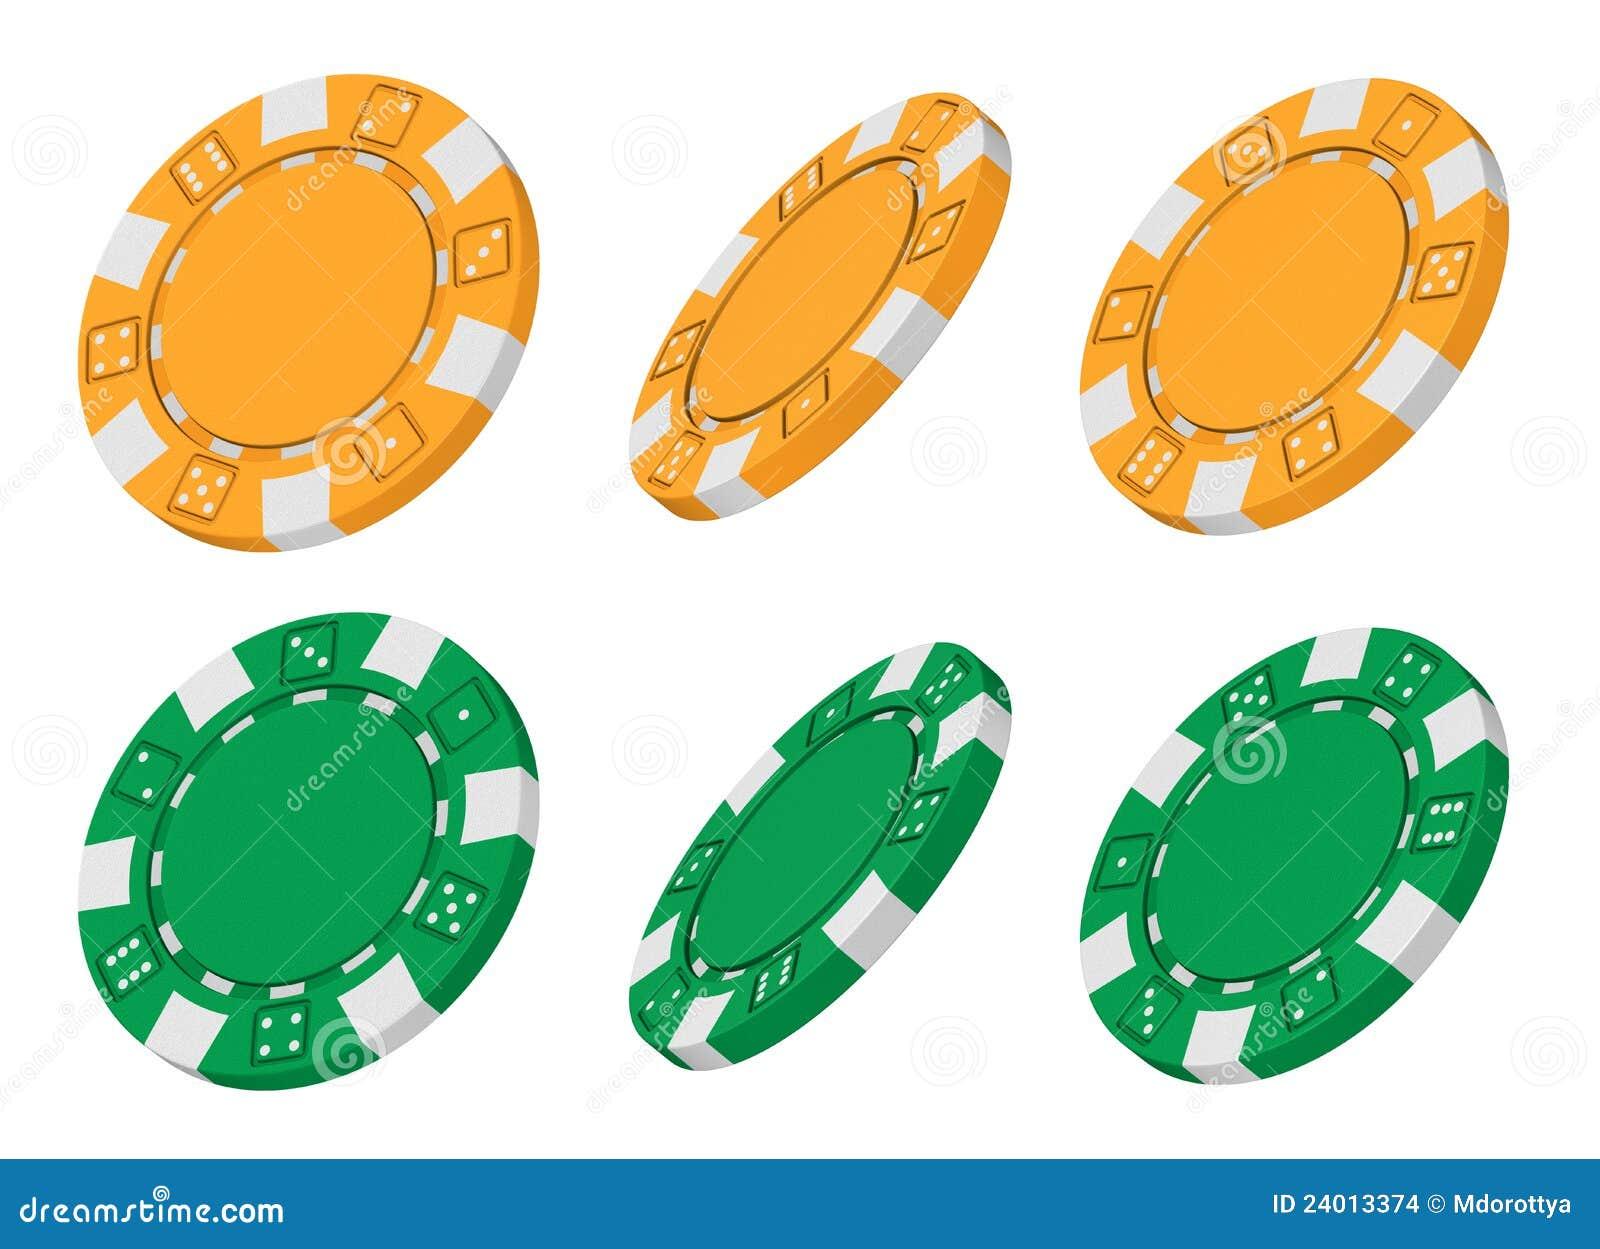 green yellow casino group